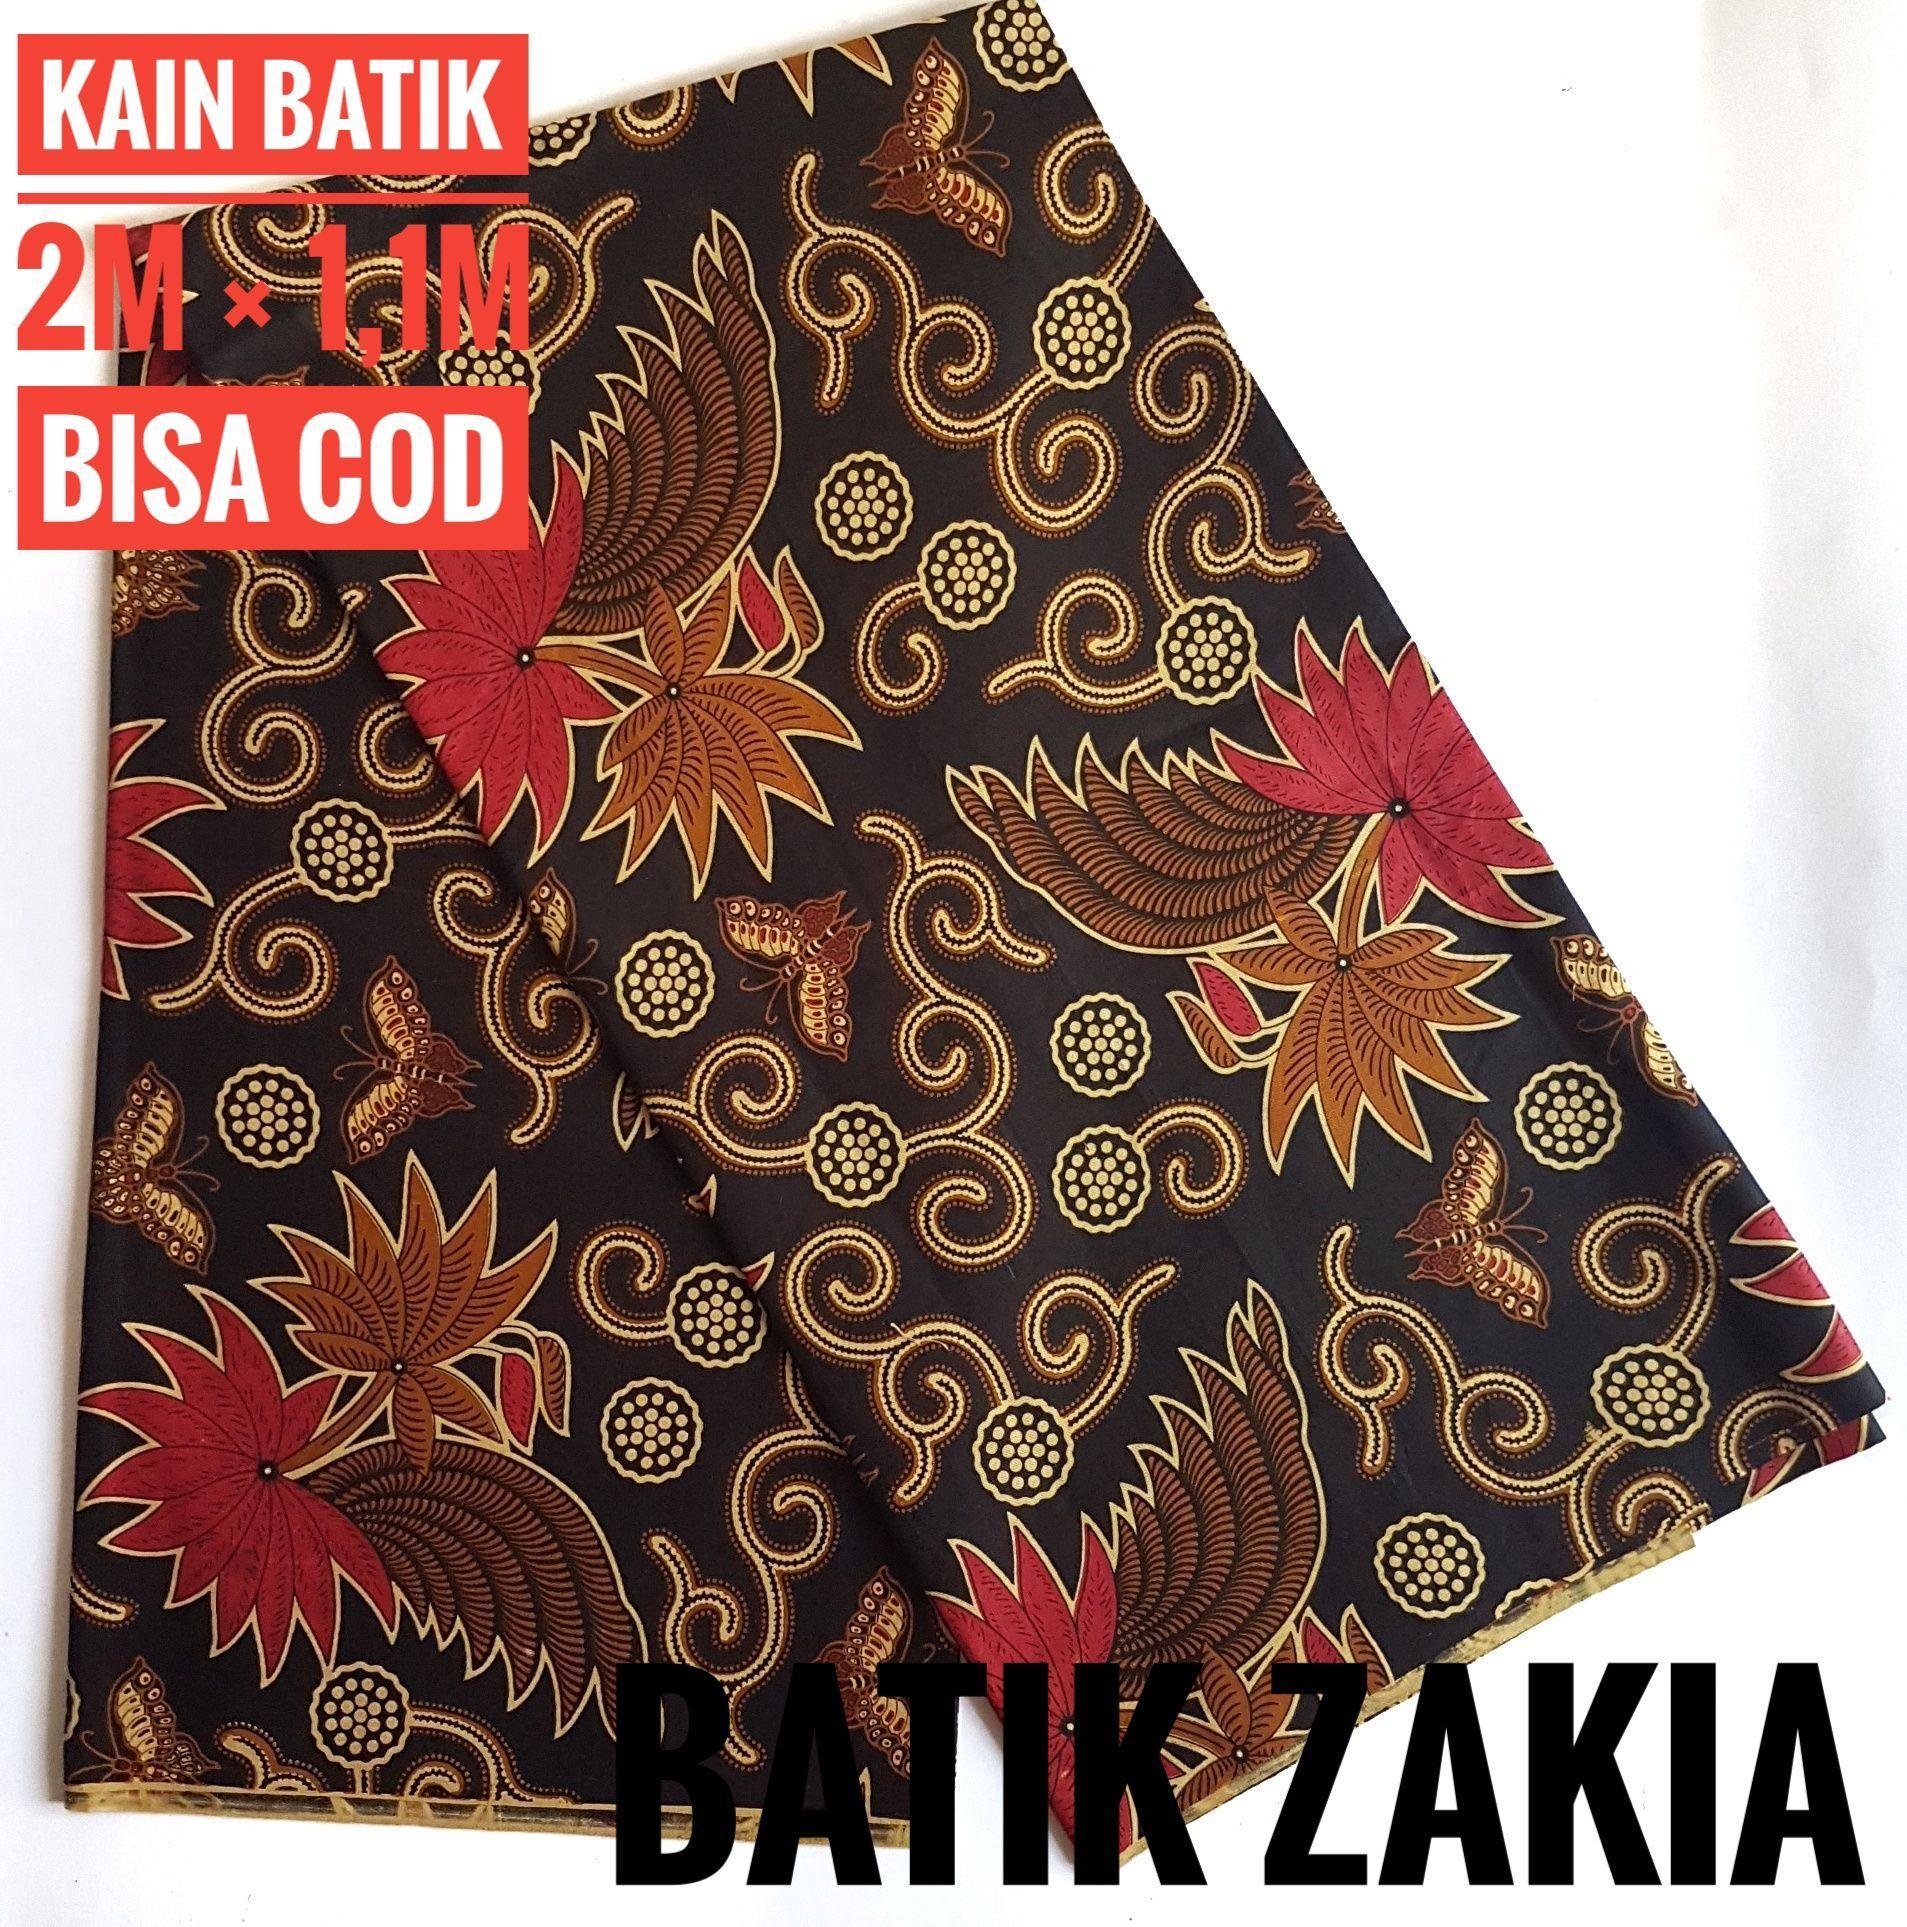 kain batik sogan kembang langit merah 52 modern panjang pekalongan solo madura